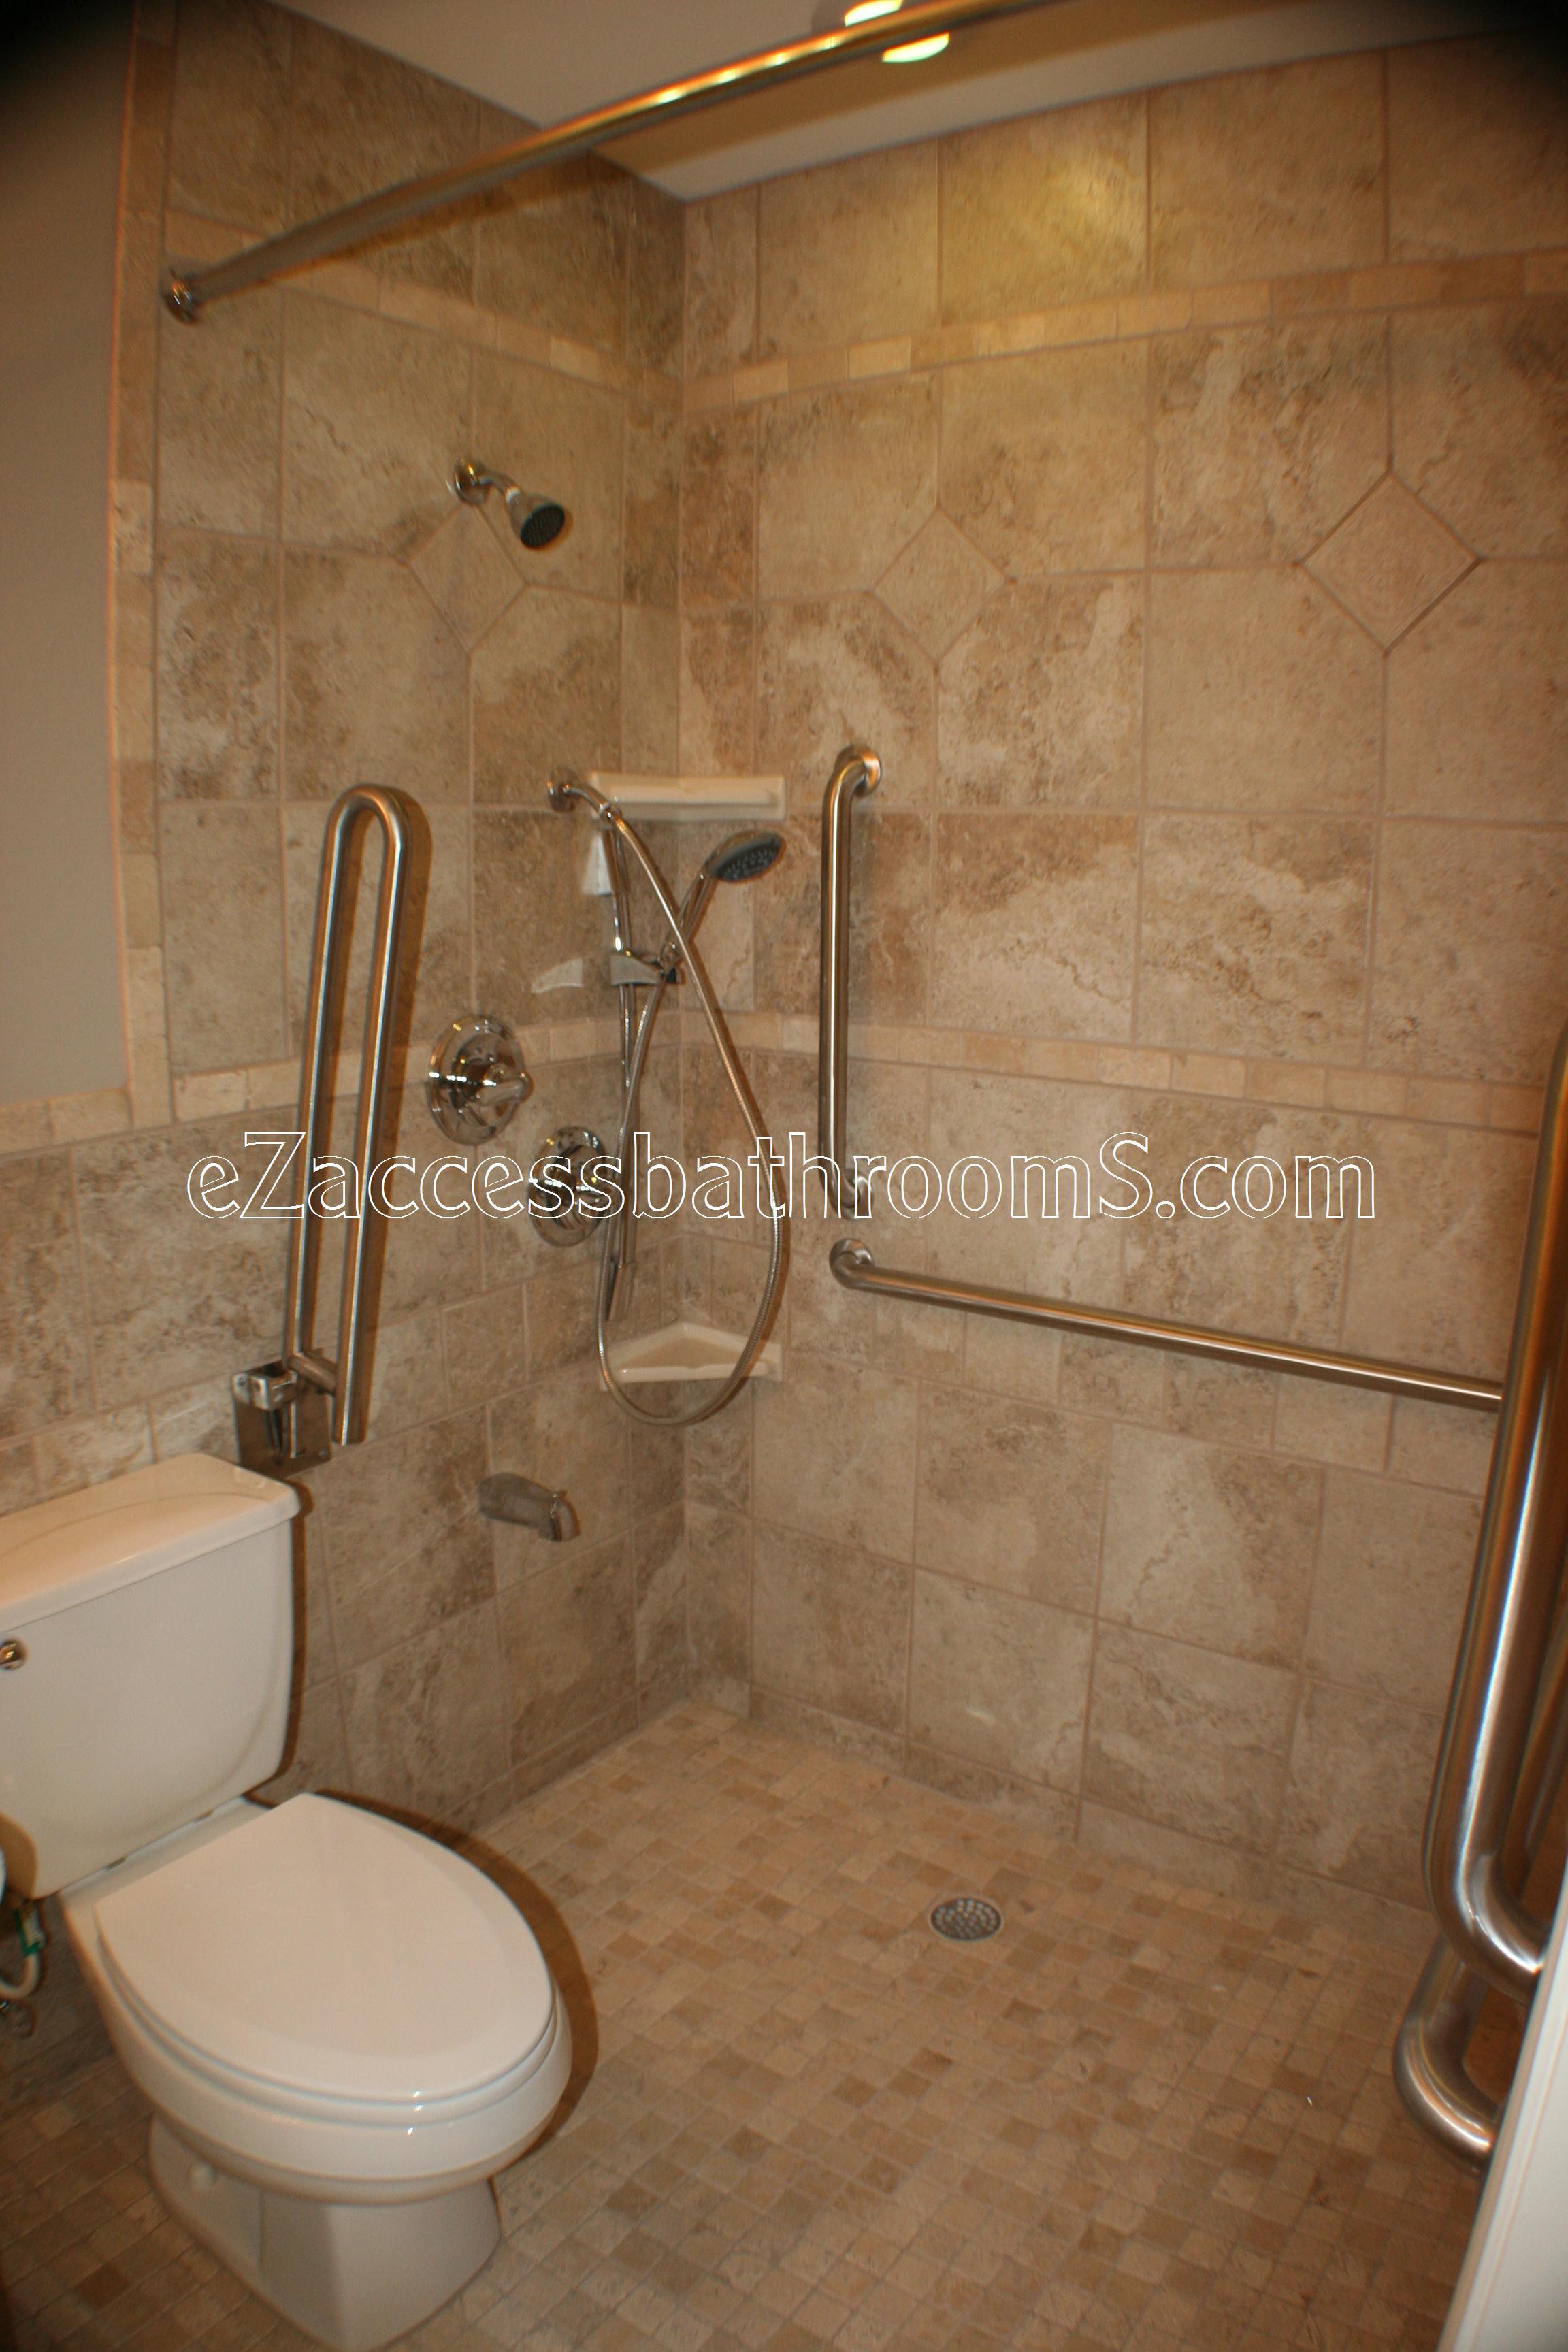 handicap bathroom 01 ezacessbathrooms.com 019.jpg